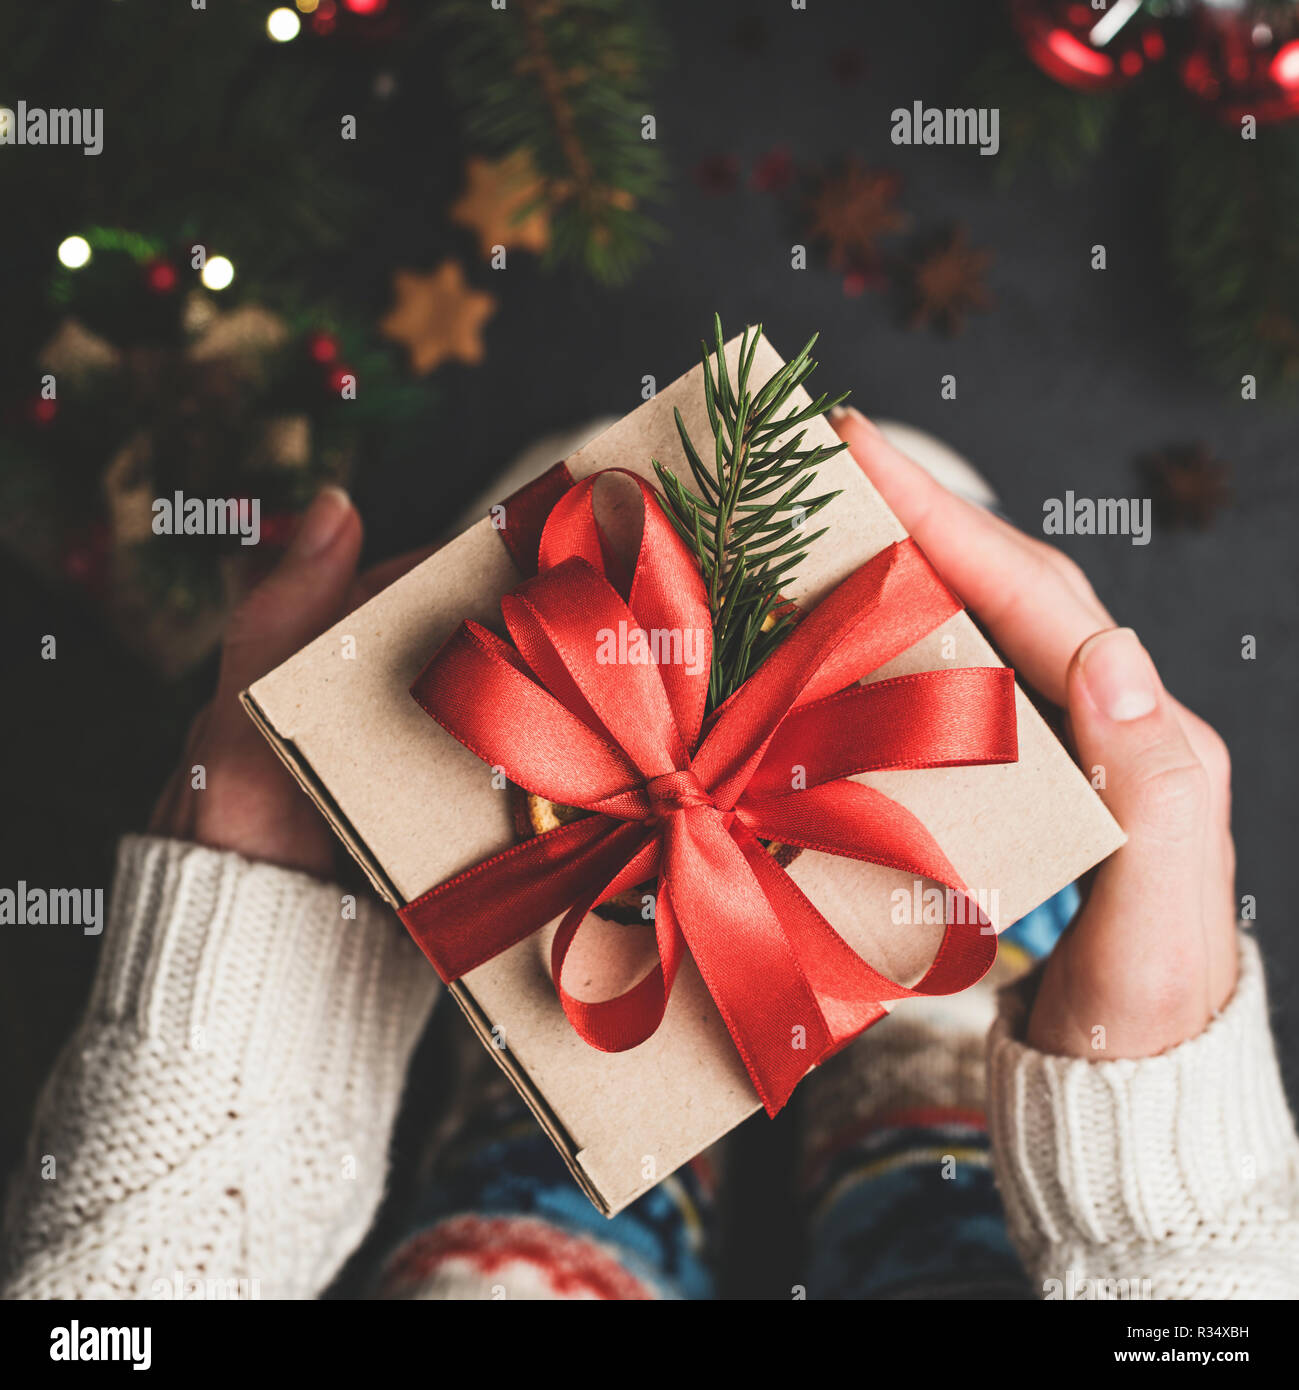 Weihnachten Geschenk Box mit roter Spitze in den Händen. Handwerk ...